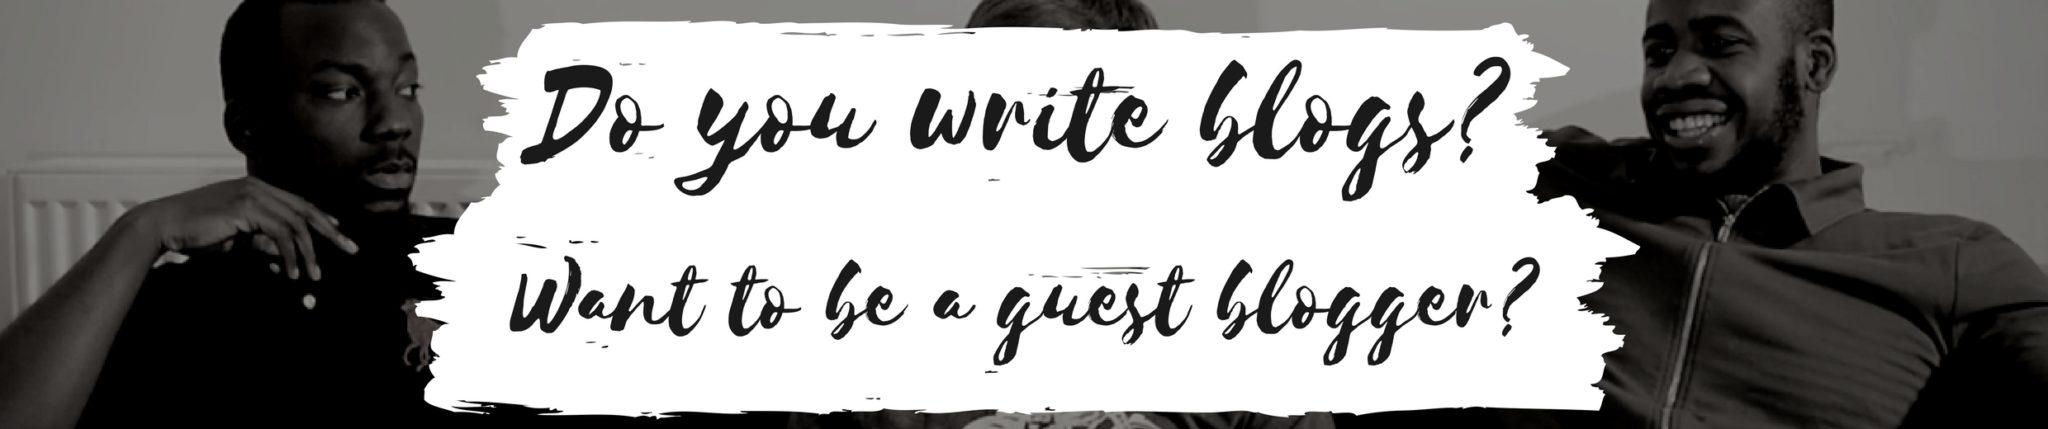 Do you write blogs?